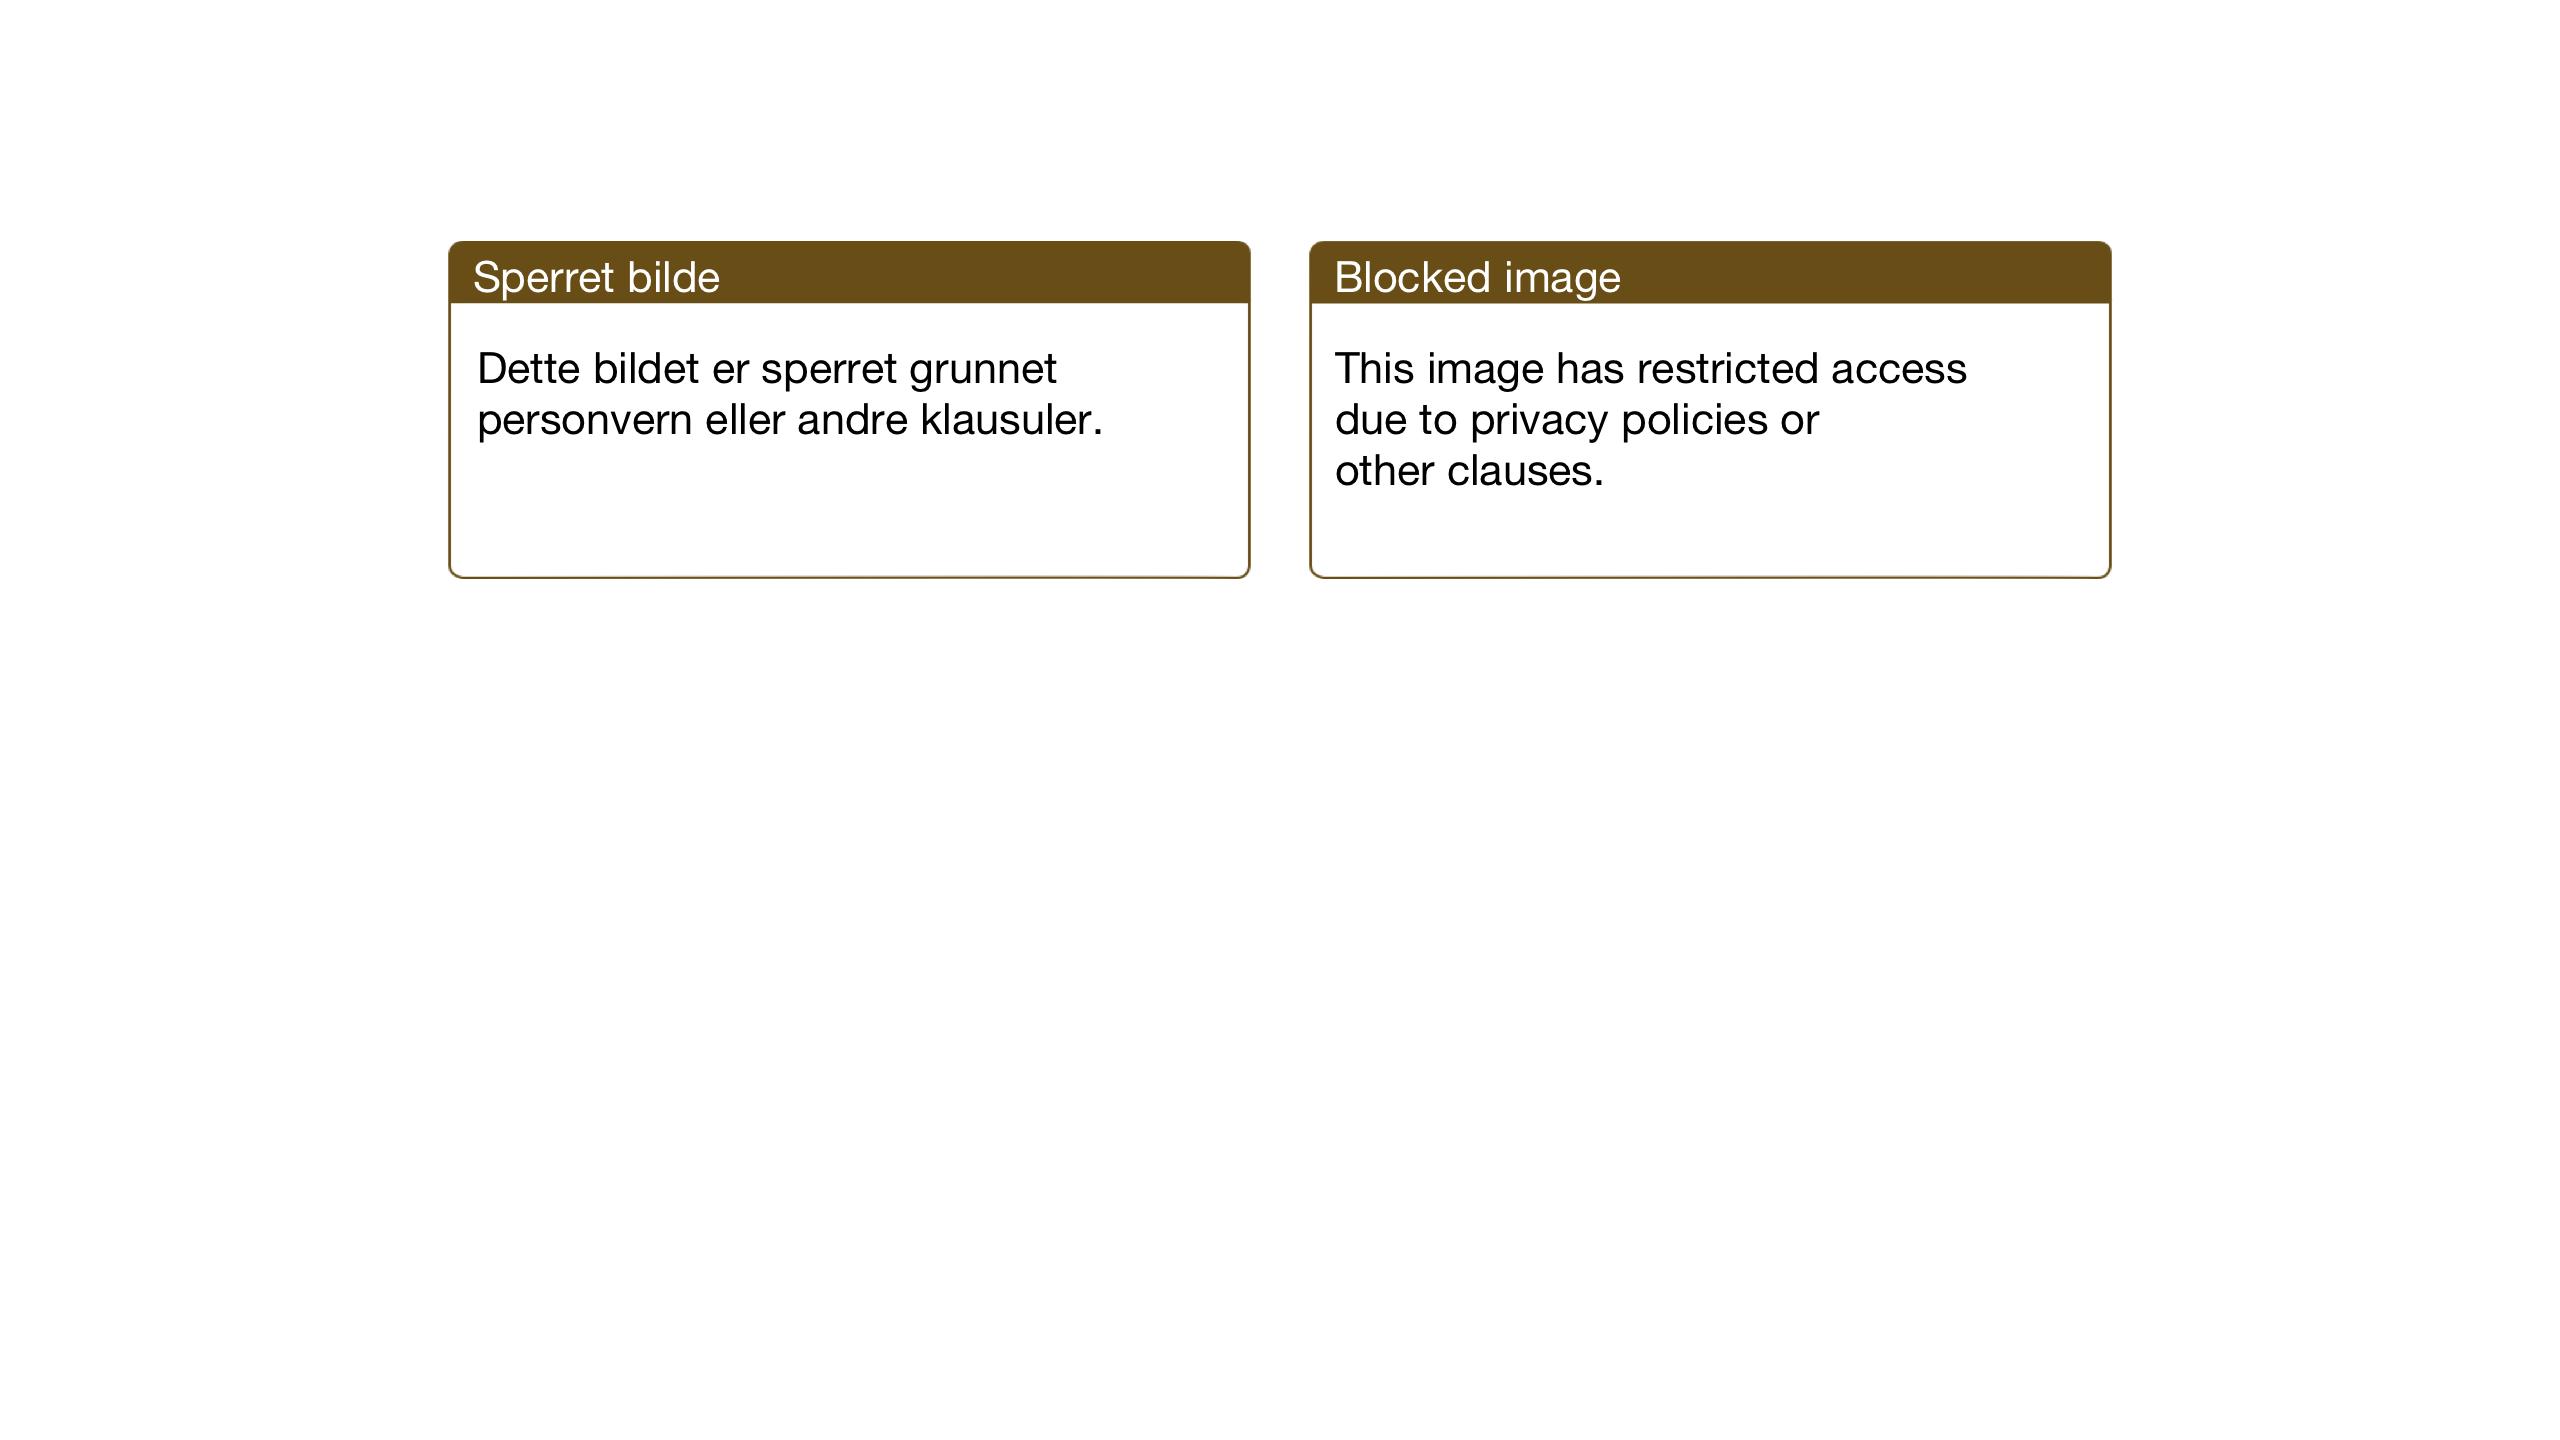 SAT, Ministerialprotokoller, klokkerbøker og fødselsregistre - Sør-Trøndelag, 681/L0944: Klokkerbok nr. 681C08, 1926-1954, s. 37